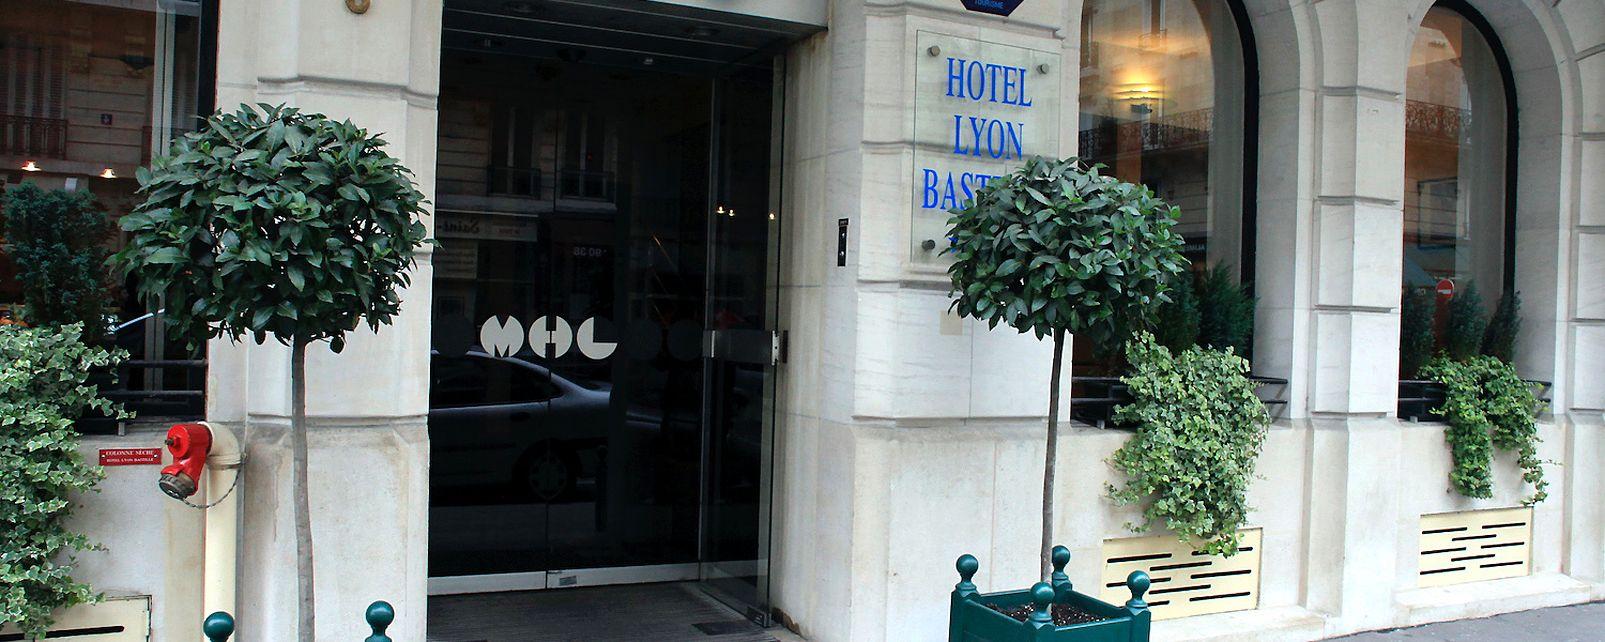 Hôtel Lyon Bastille Paris